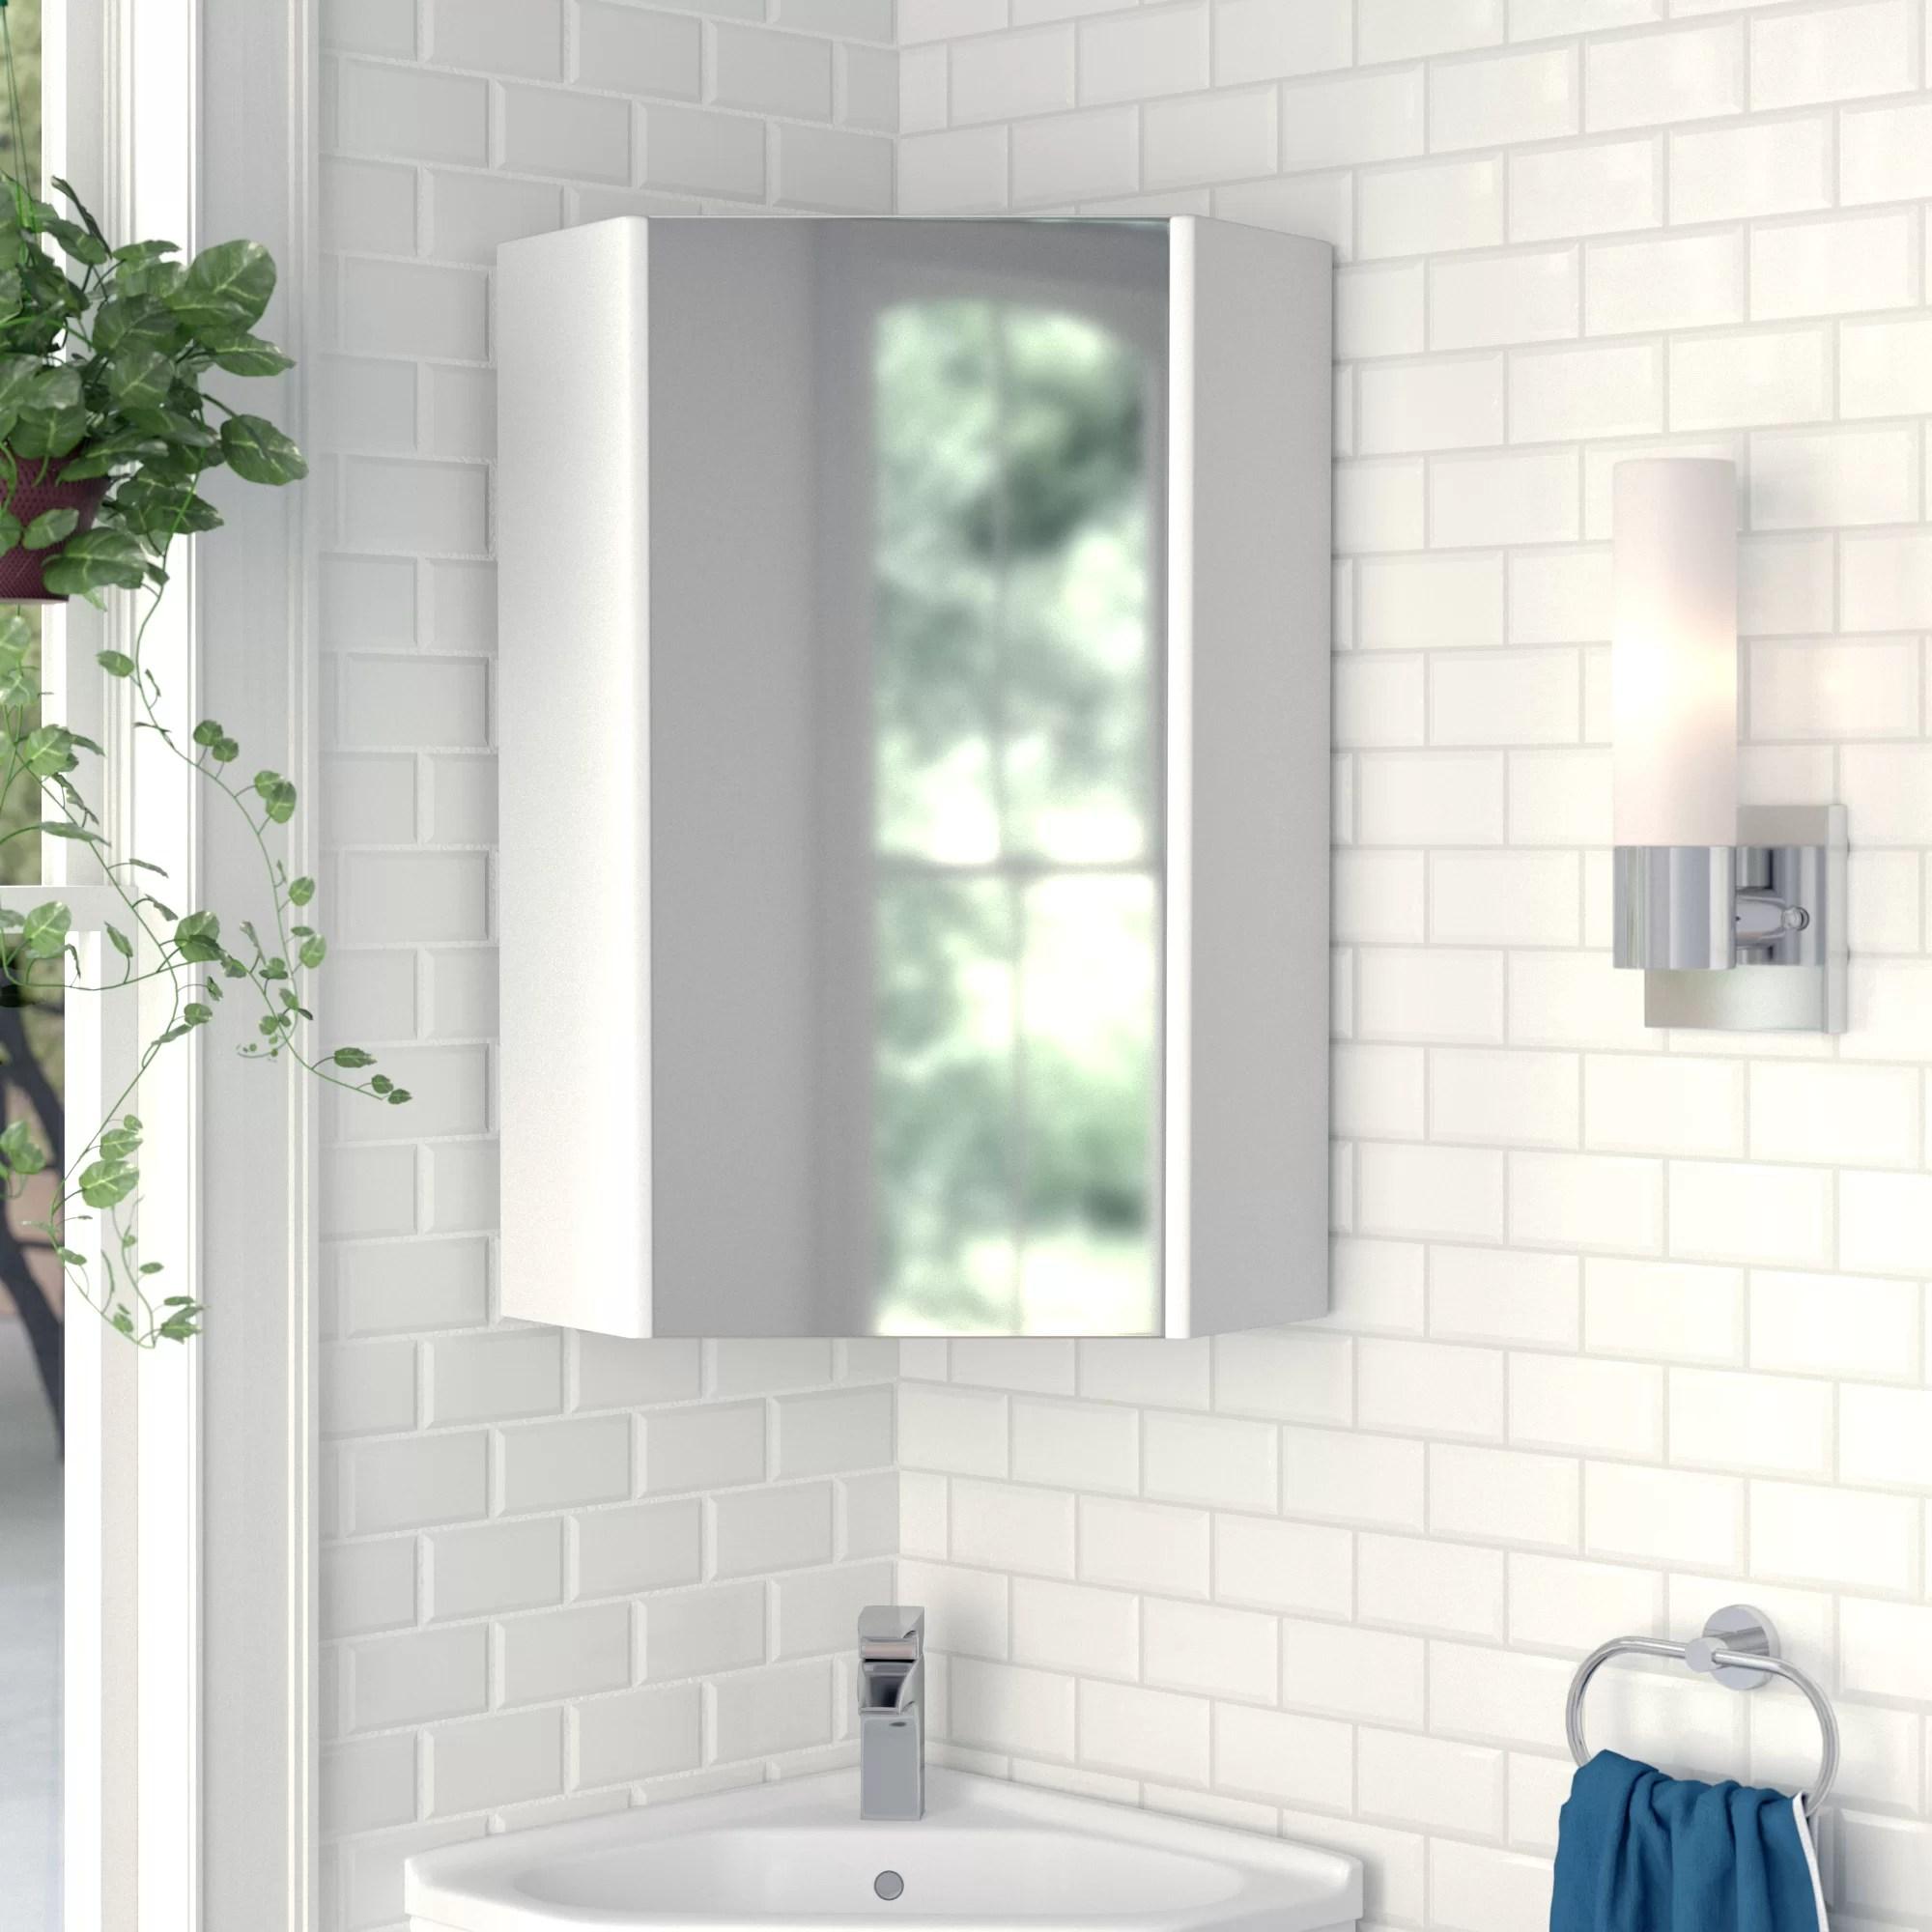 Zipcode Design Blythe 14 X 23 5 Corner Mount Medicine Cabinet Reviews